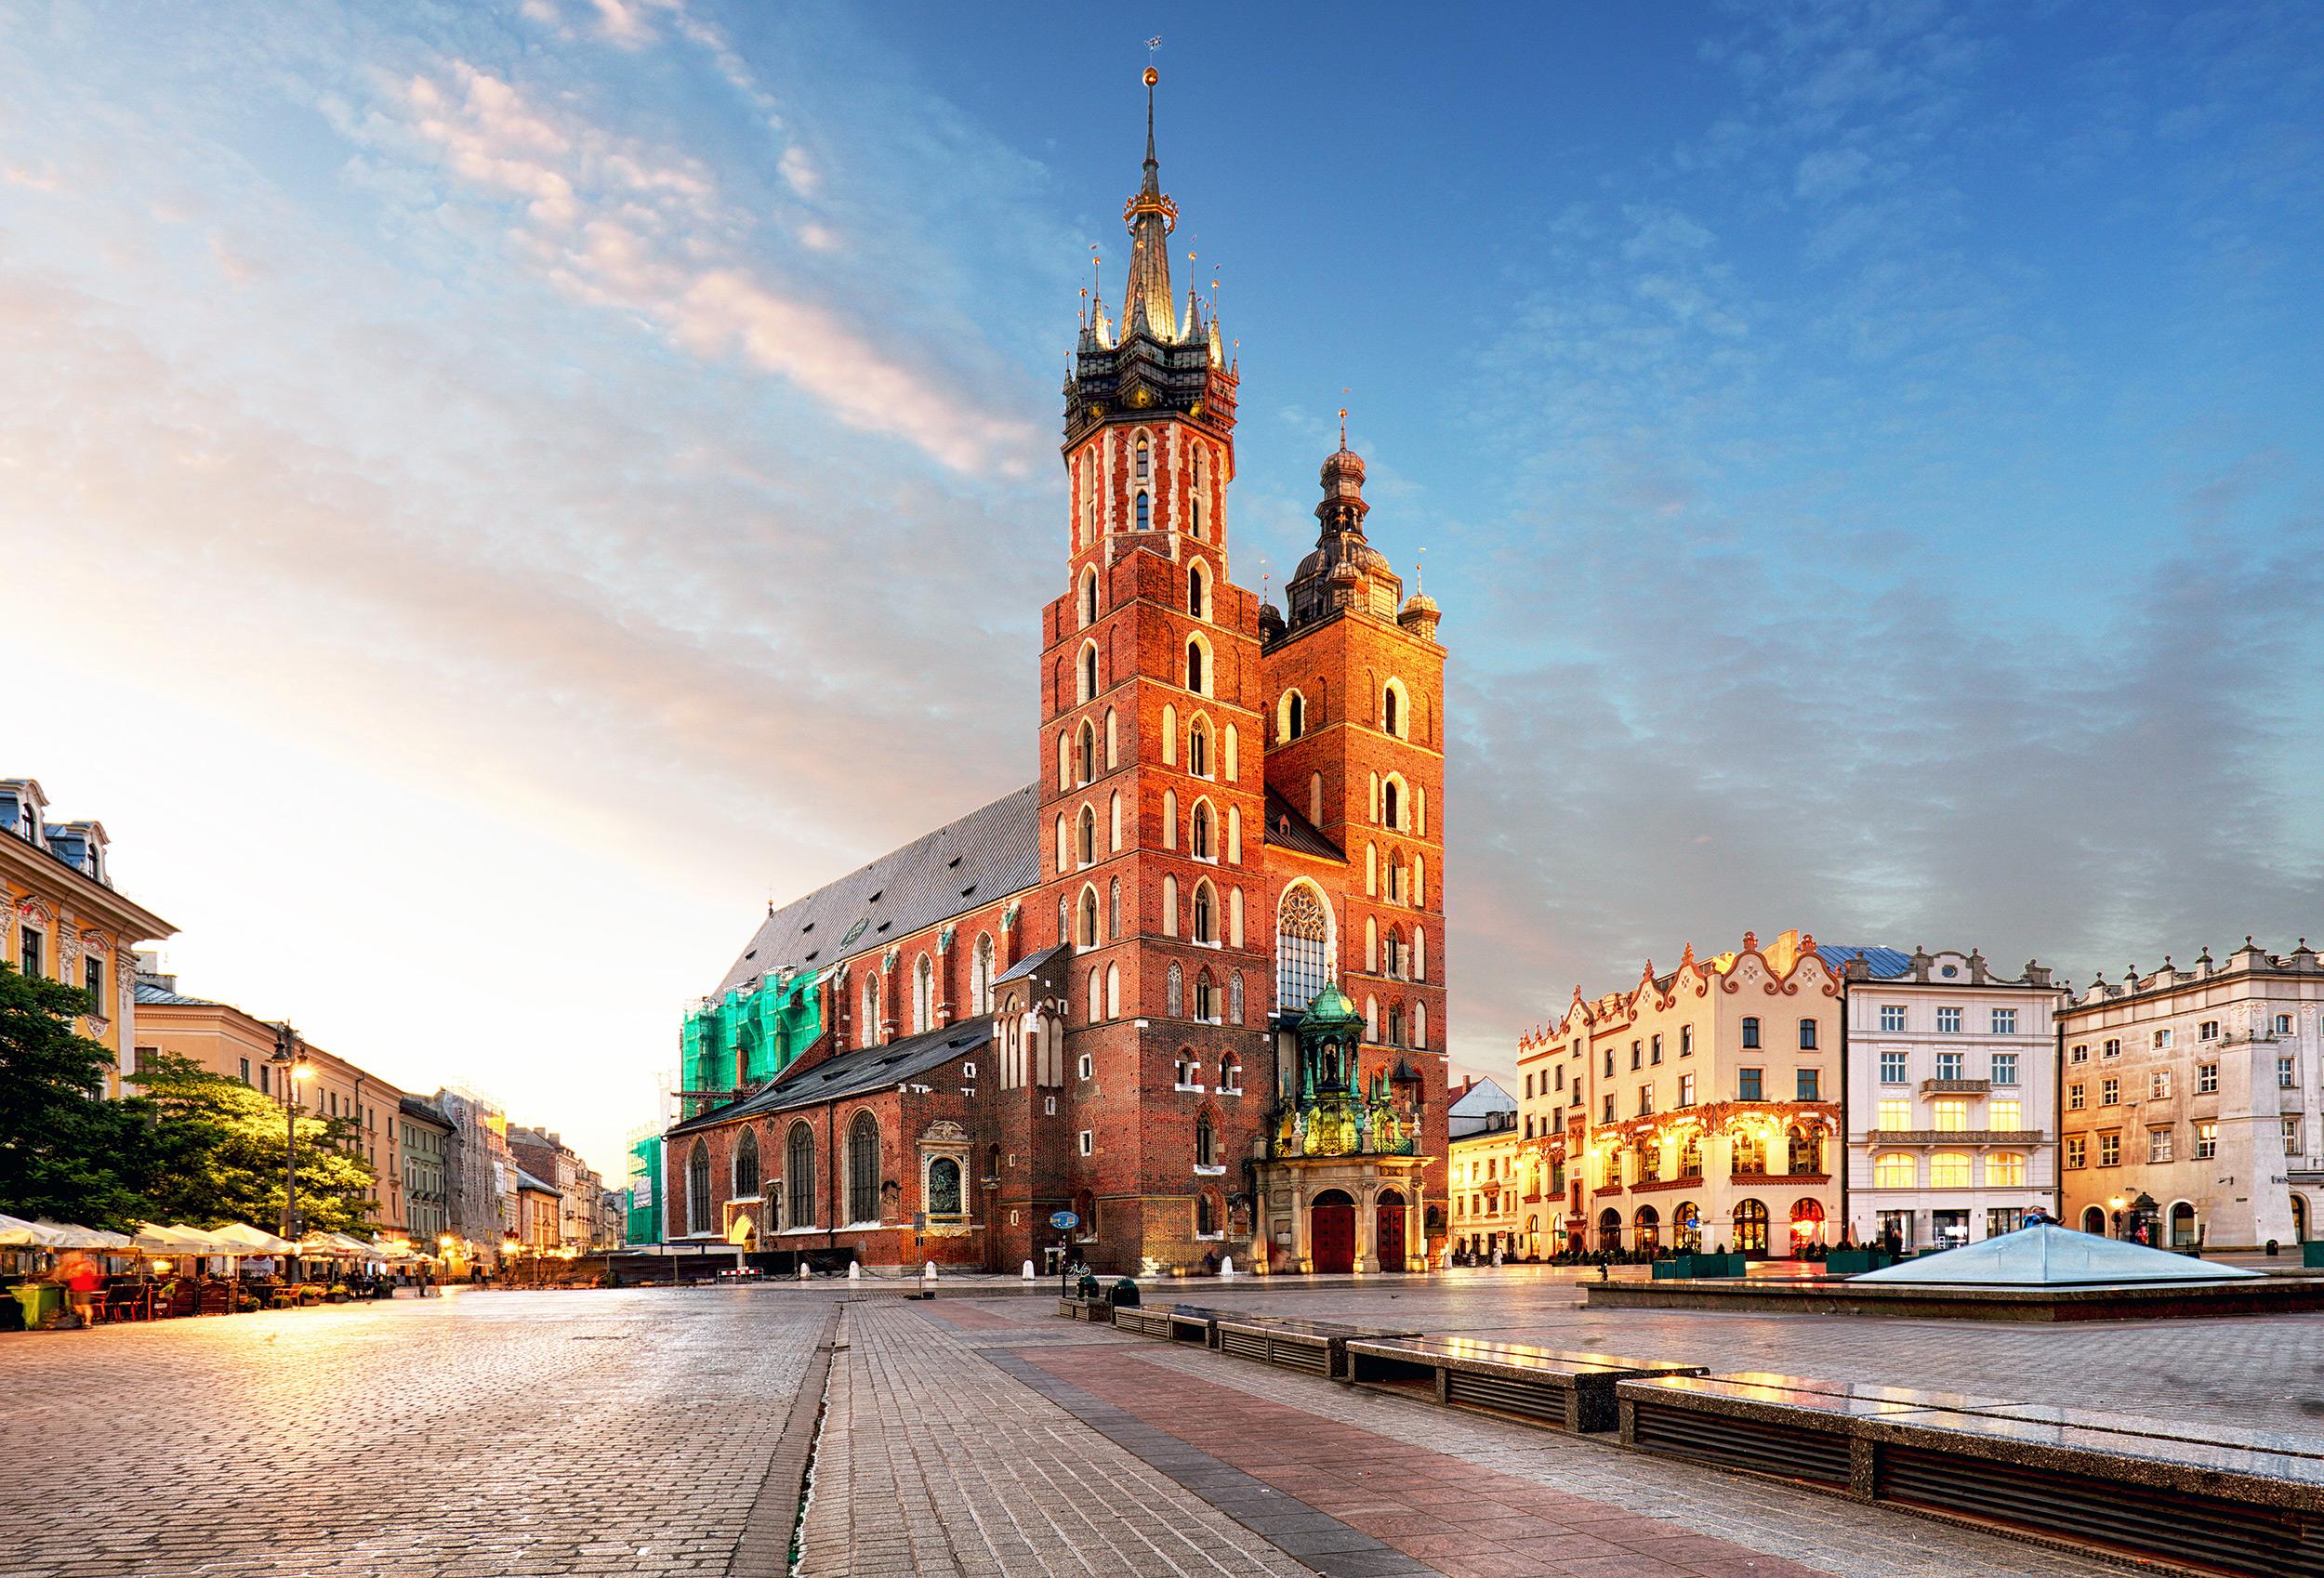 Polen 2 Tage In Krakau Im 4 Hotel Inkl Fruhstuck Nur 29